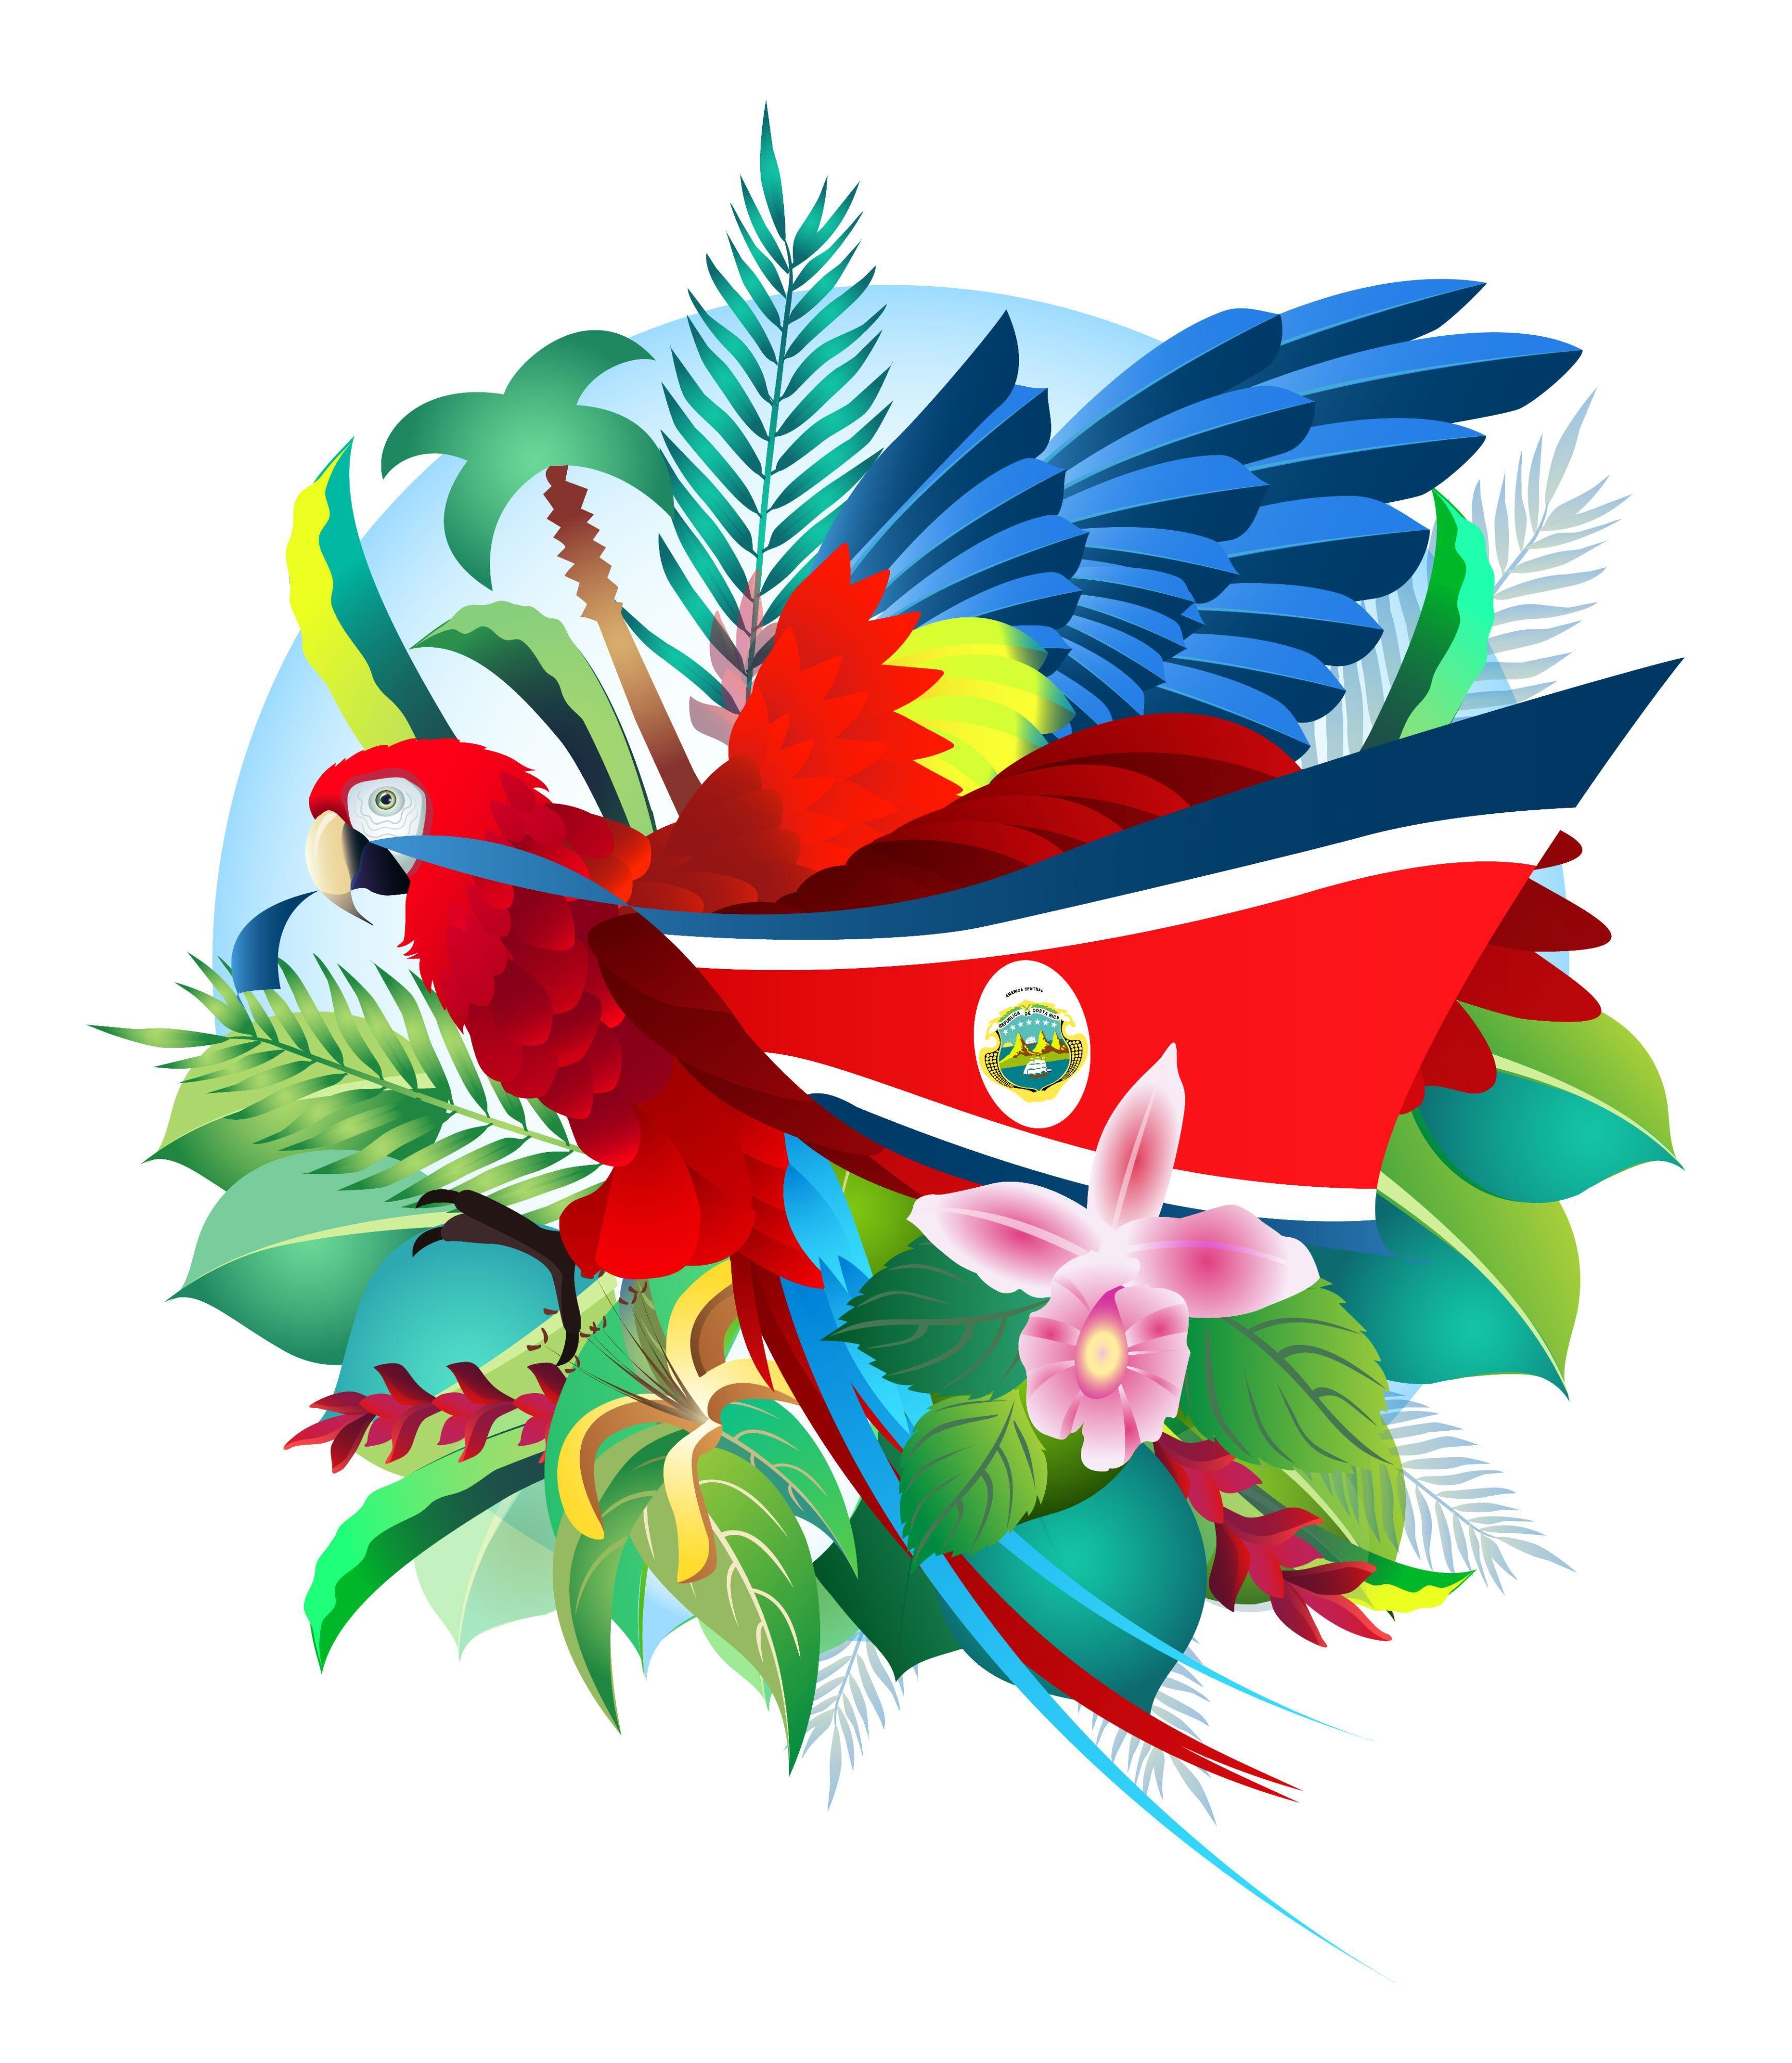 Descubre Los Modelos De Trajes Tipicos De Costa Rica De Cada Localidad